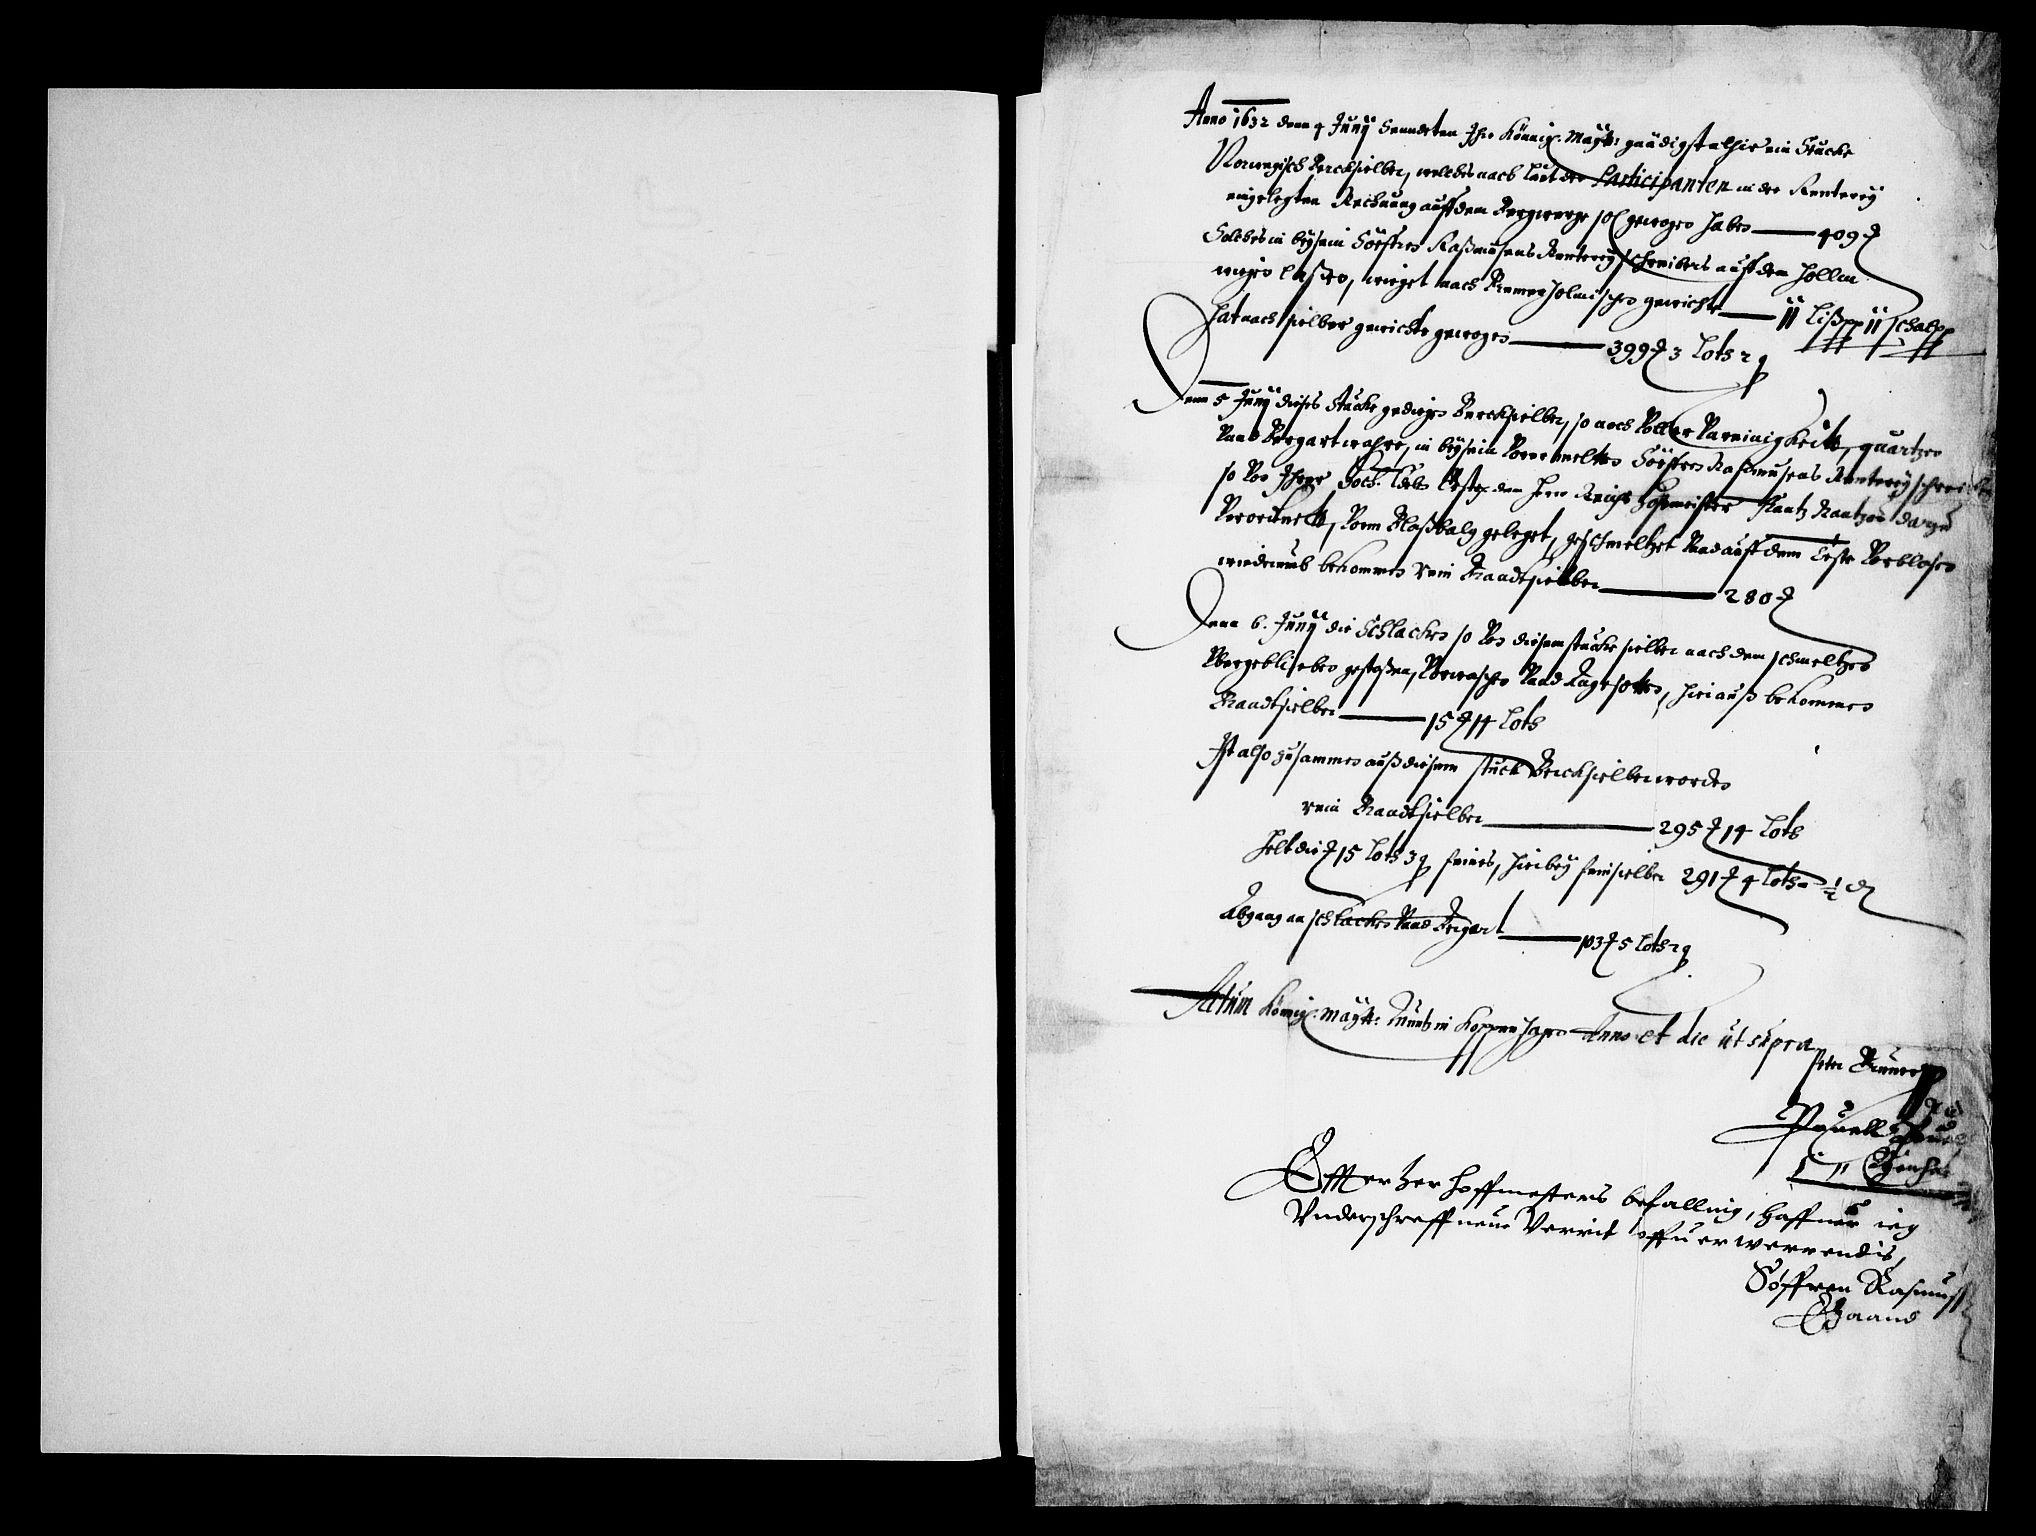 RA, Danske Kanselli, Skapsaker, G/L0019: Tillegg til skapsakene, 1616-1753, s. 67